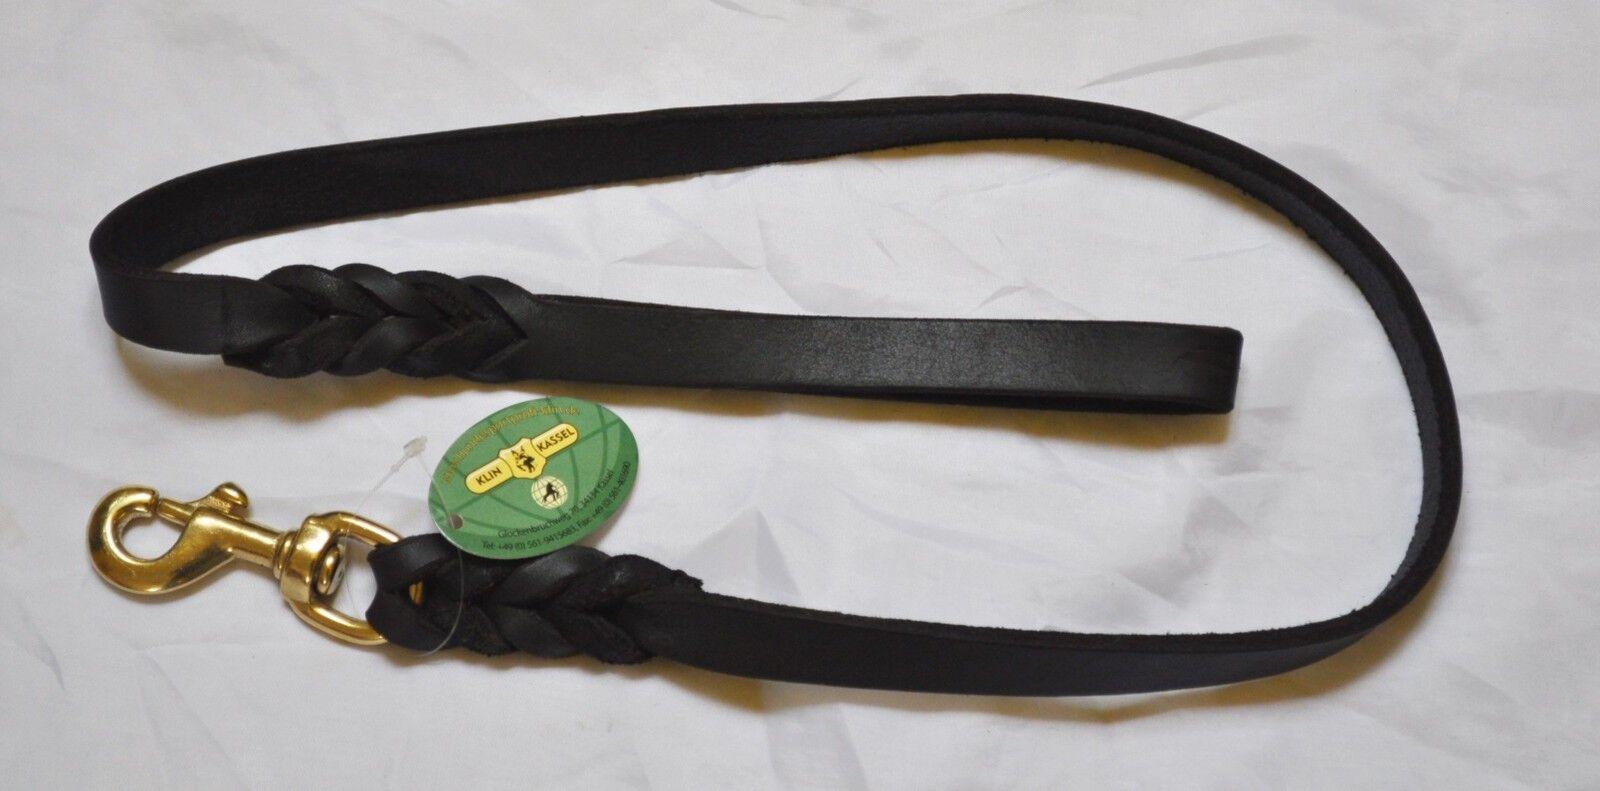 Fettlederleine 1,50m geflochten mit Handschlaufe 5 5 5 Breiten Lederleine Braun  | Haltbar  afa862